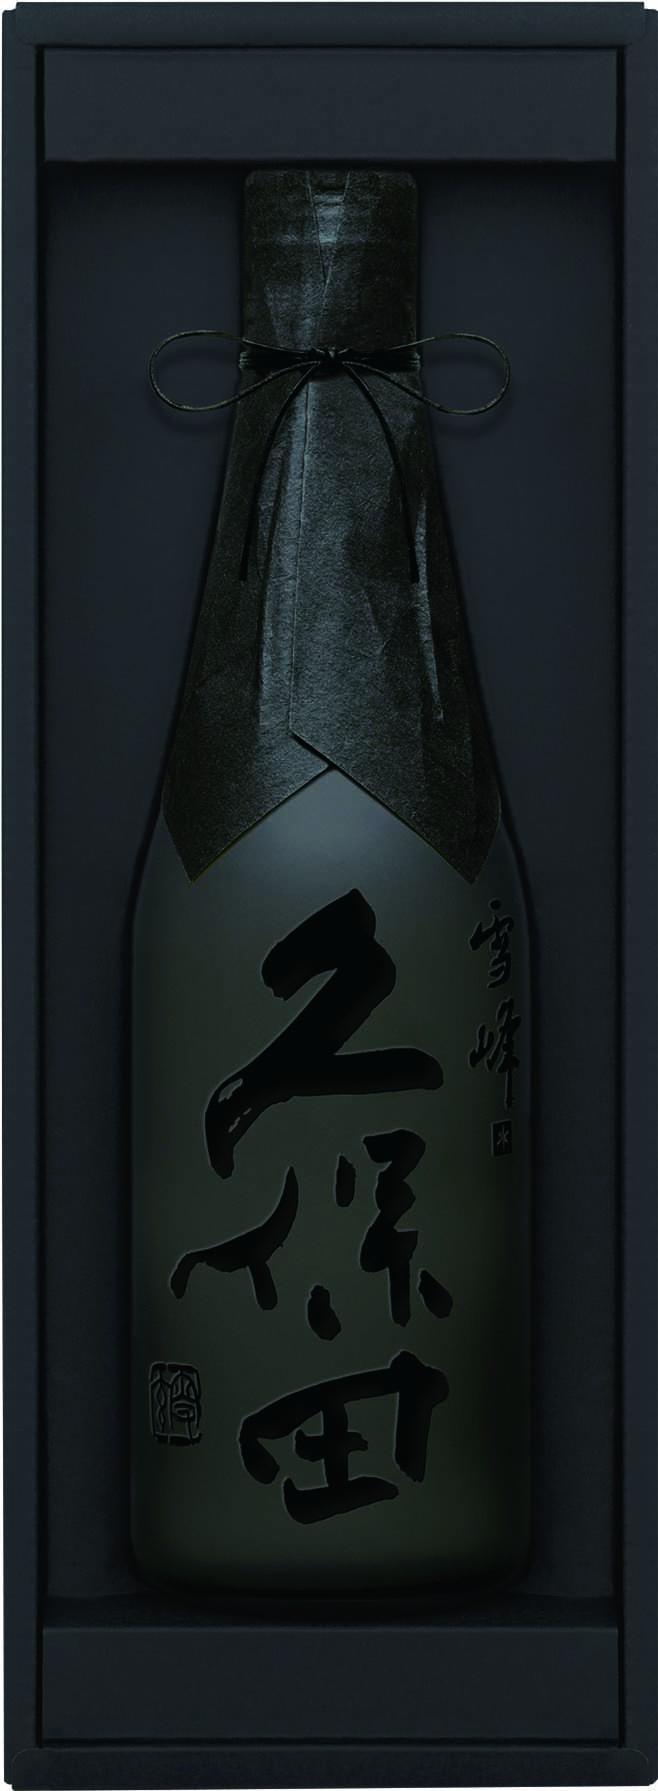 久保田 雪峰(せっぽう)純米大吟醸(山廃仕込)